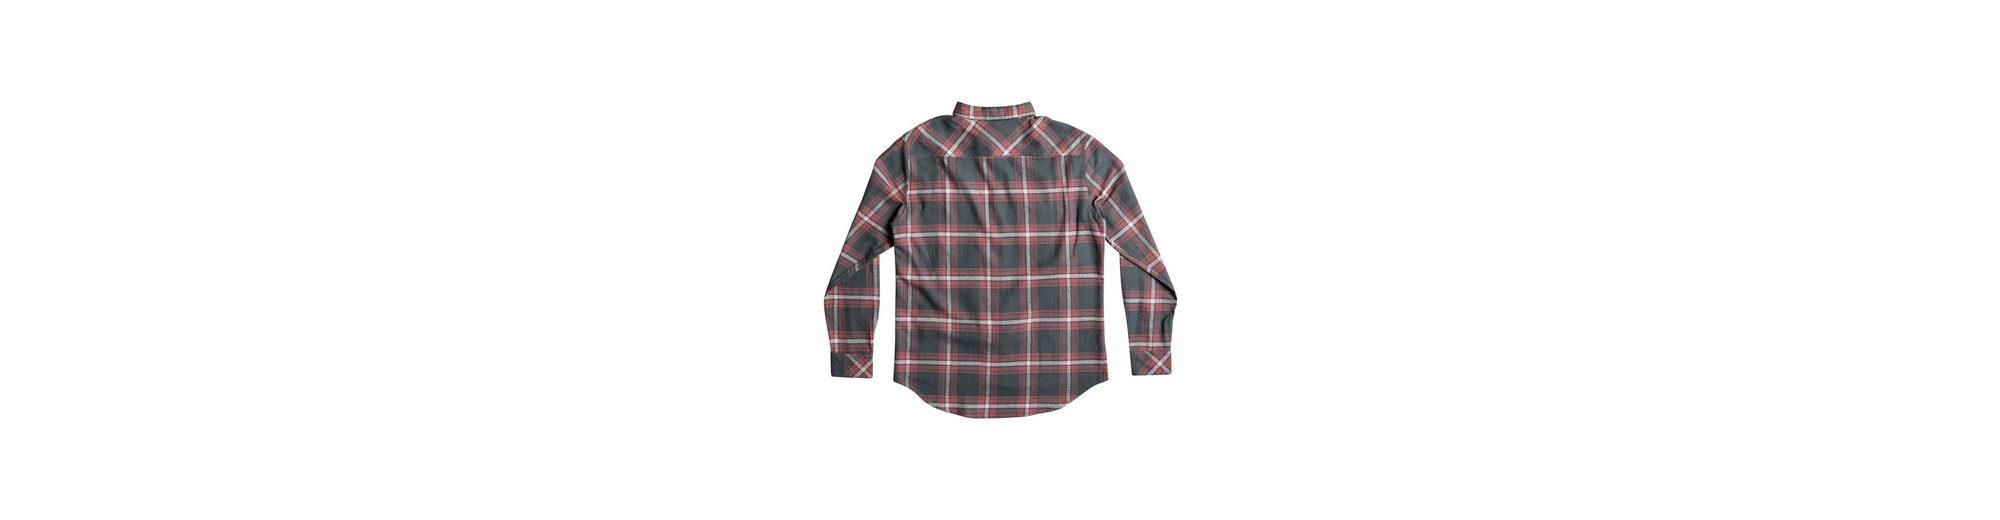 Quiksilver Langarm-Hemd Fitz Forktail Flannel Finish Verkauf Online Wo Billige Echte Kaufen Für Schönen Verkauf Online Günstigsten Preis Online 3SZf9o2